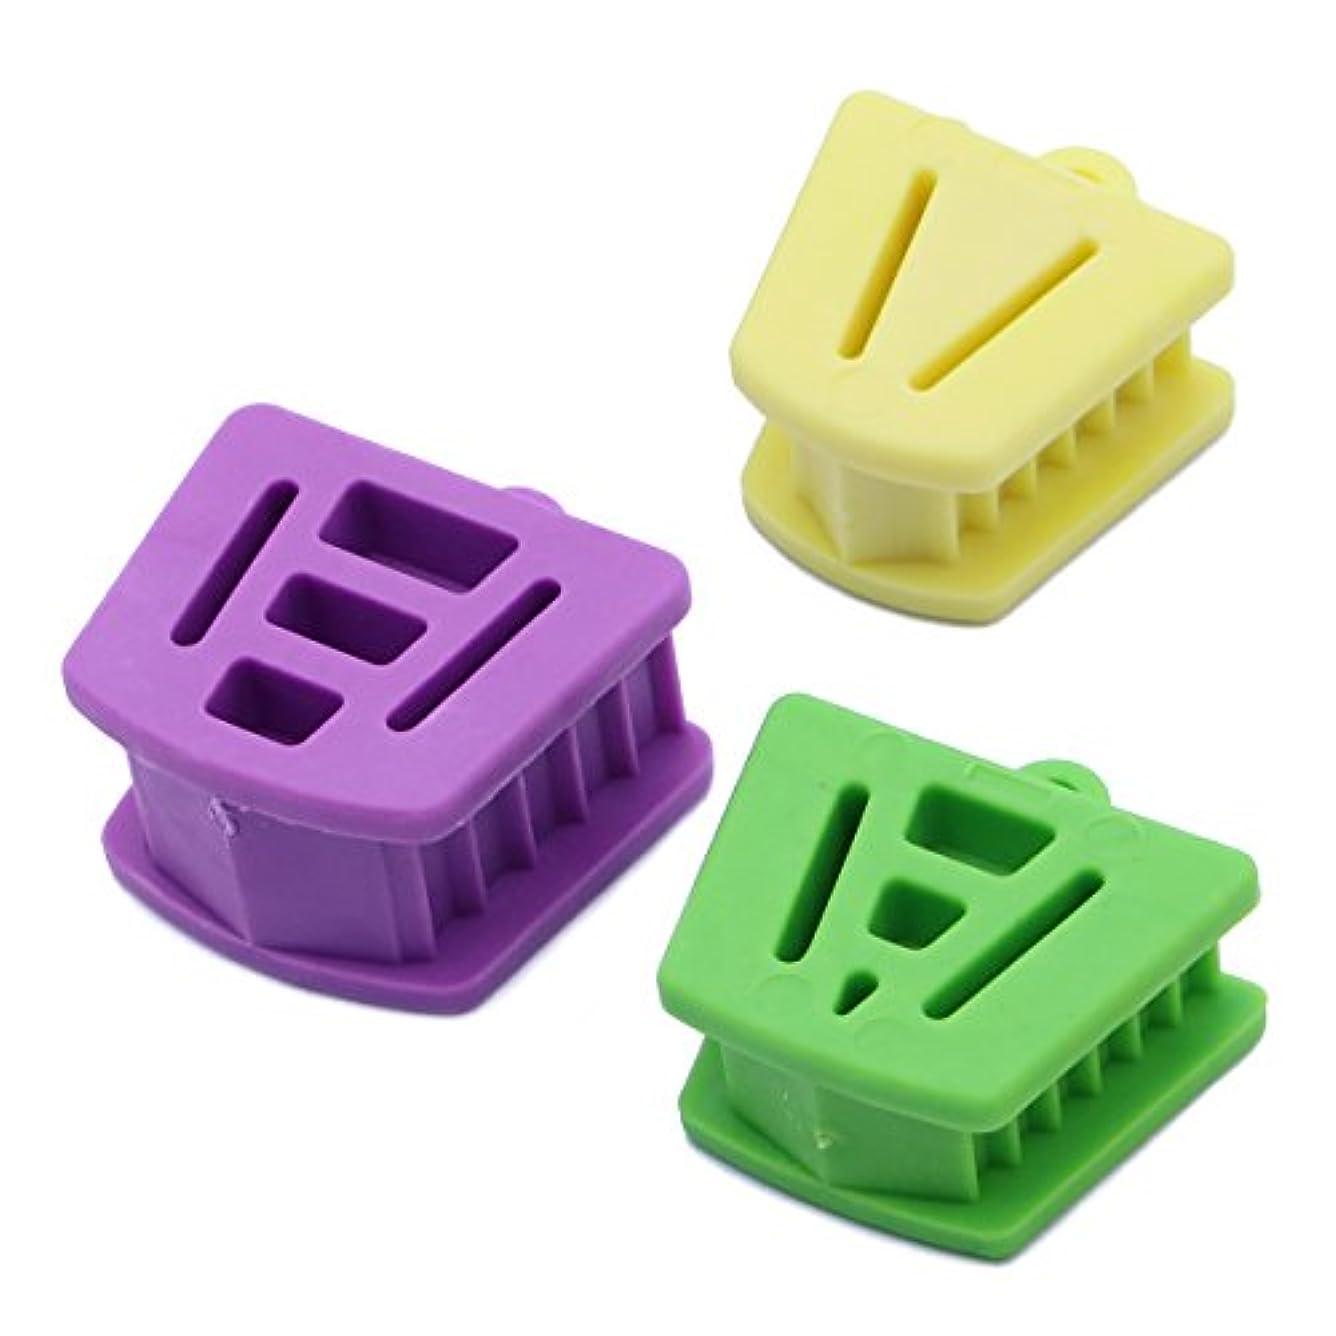 強化多用途嫉妬Healifty 3個/パック口プロップバイトブロック歯科口腔内支持矯正用アクセサリー